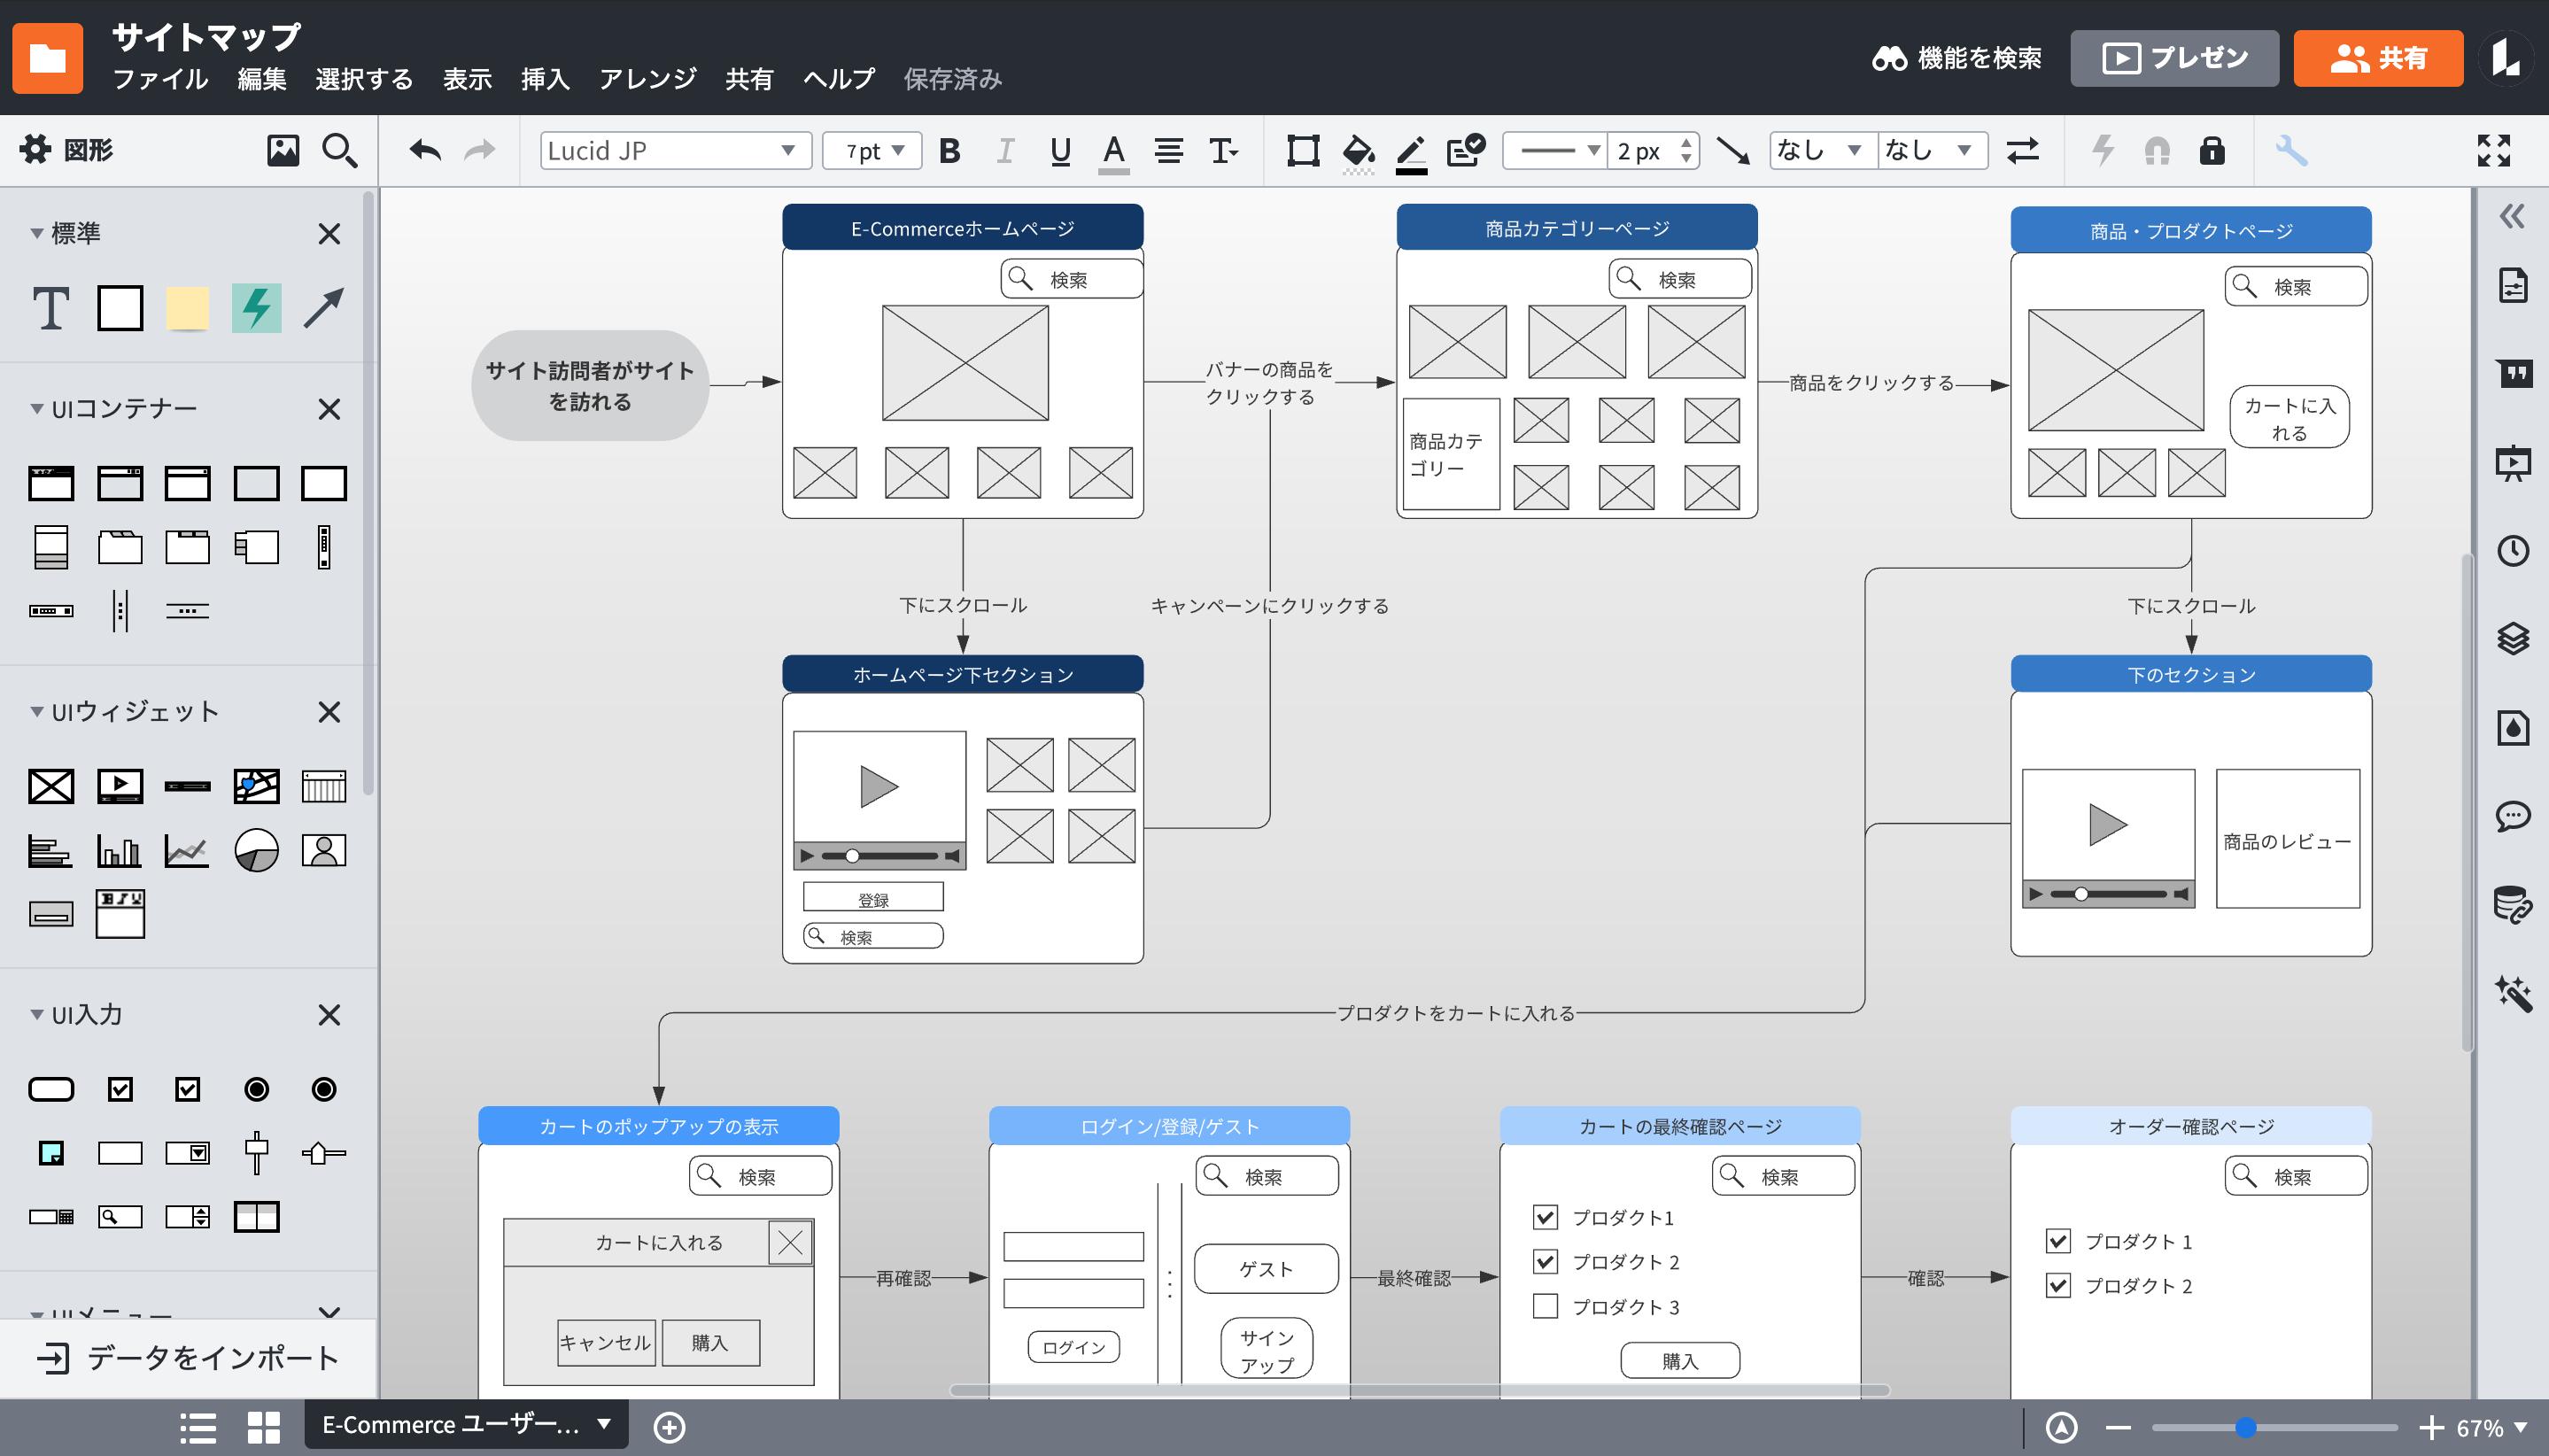 サイトマップテンプレートも豊富な構成図作成ツール